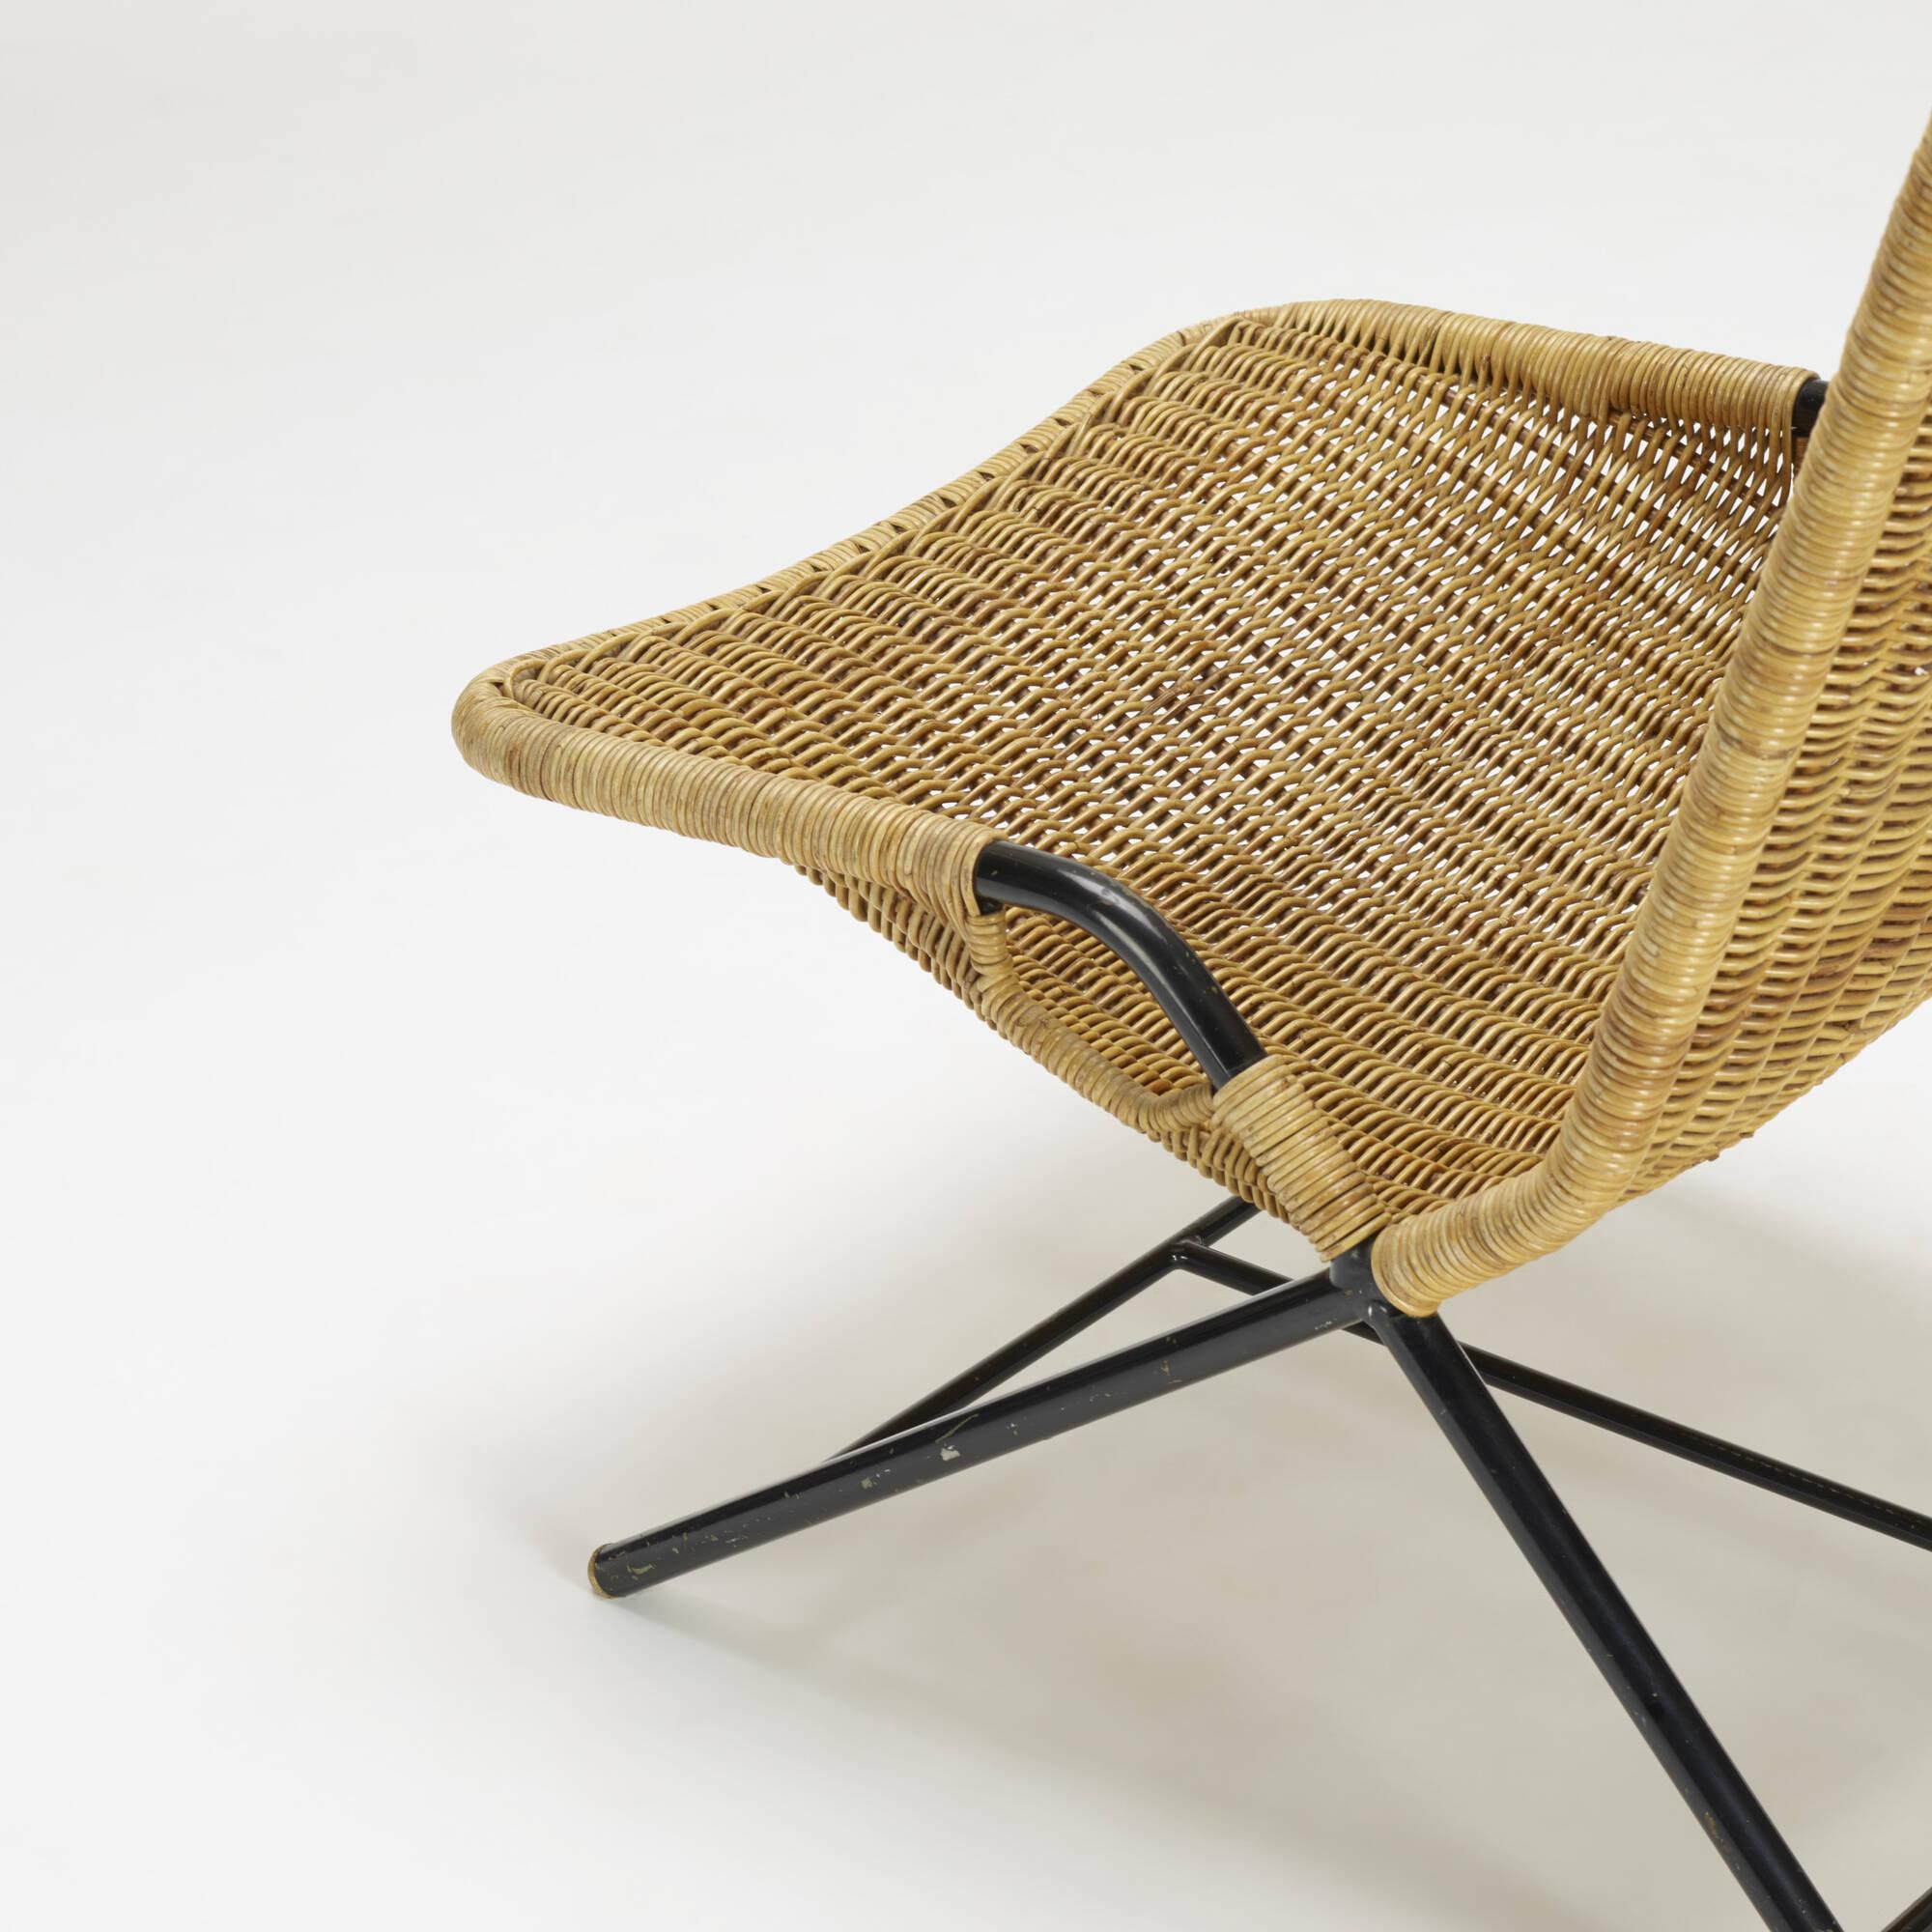 384: Dirk van Sliedregt / lounge chair, model 587 (3 of 3)